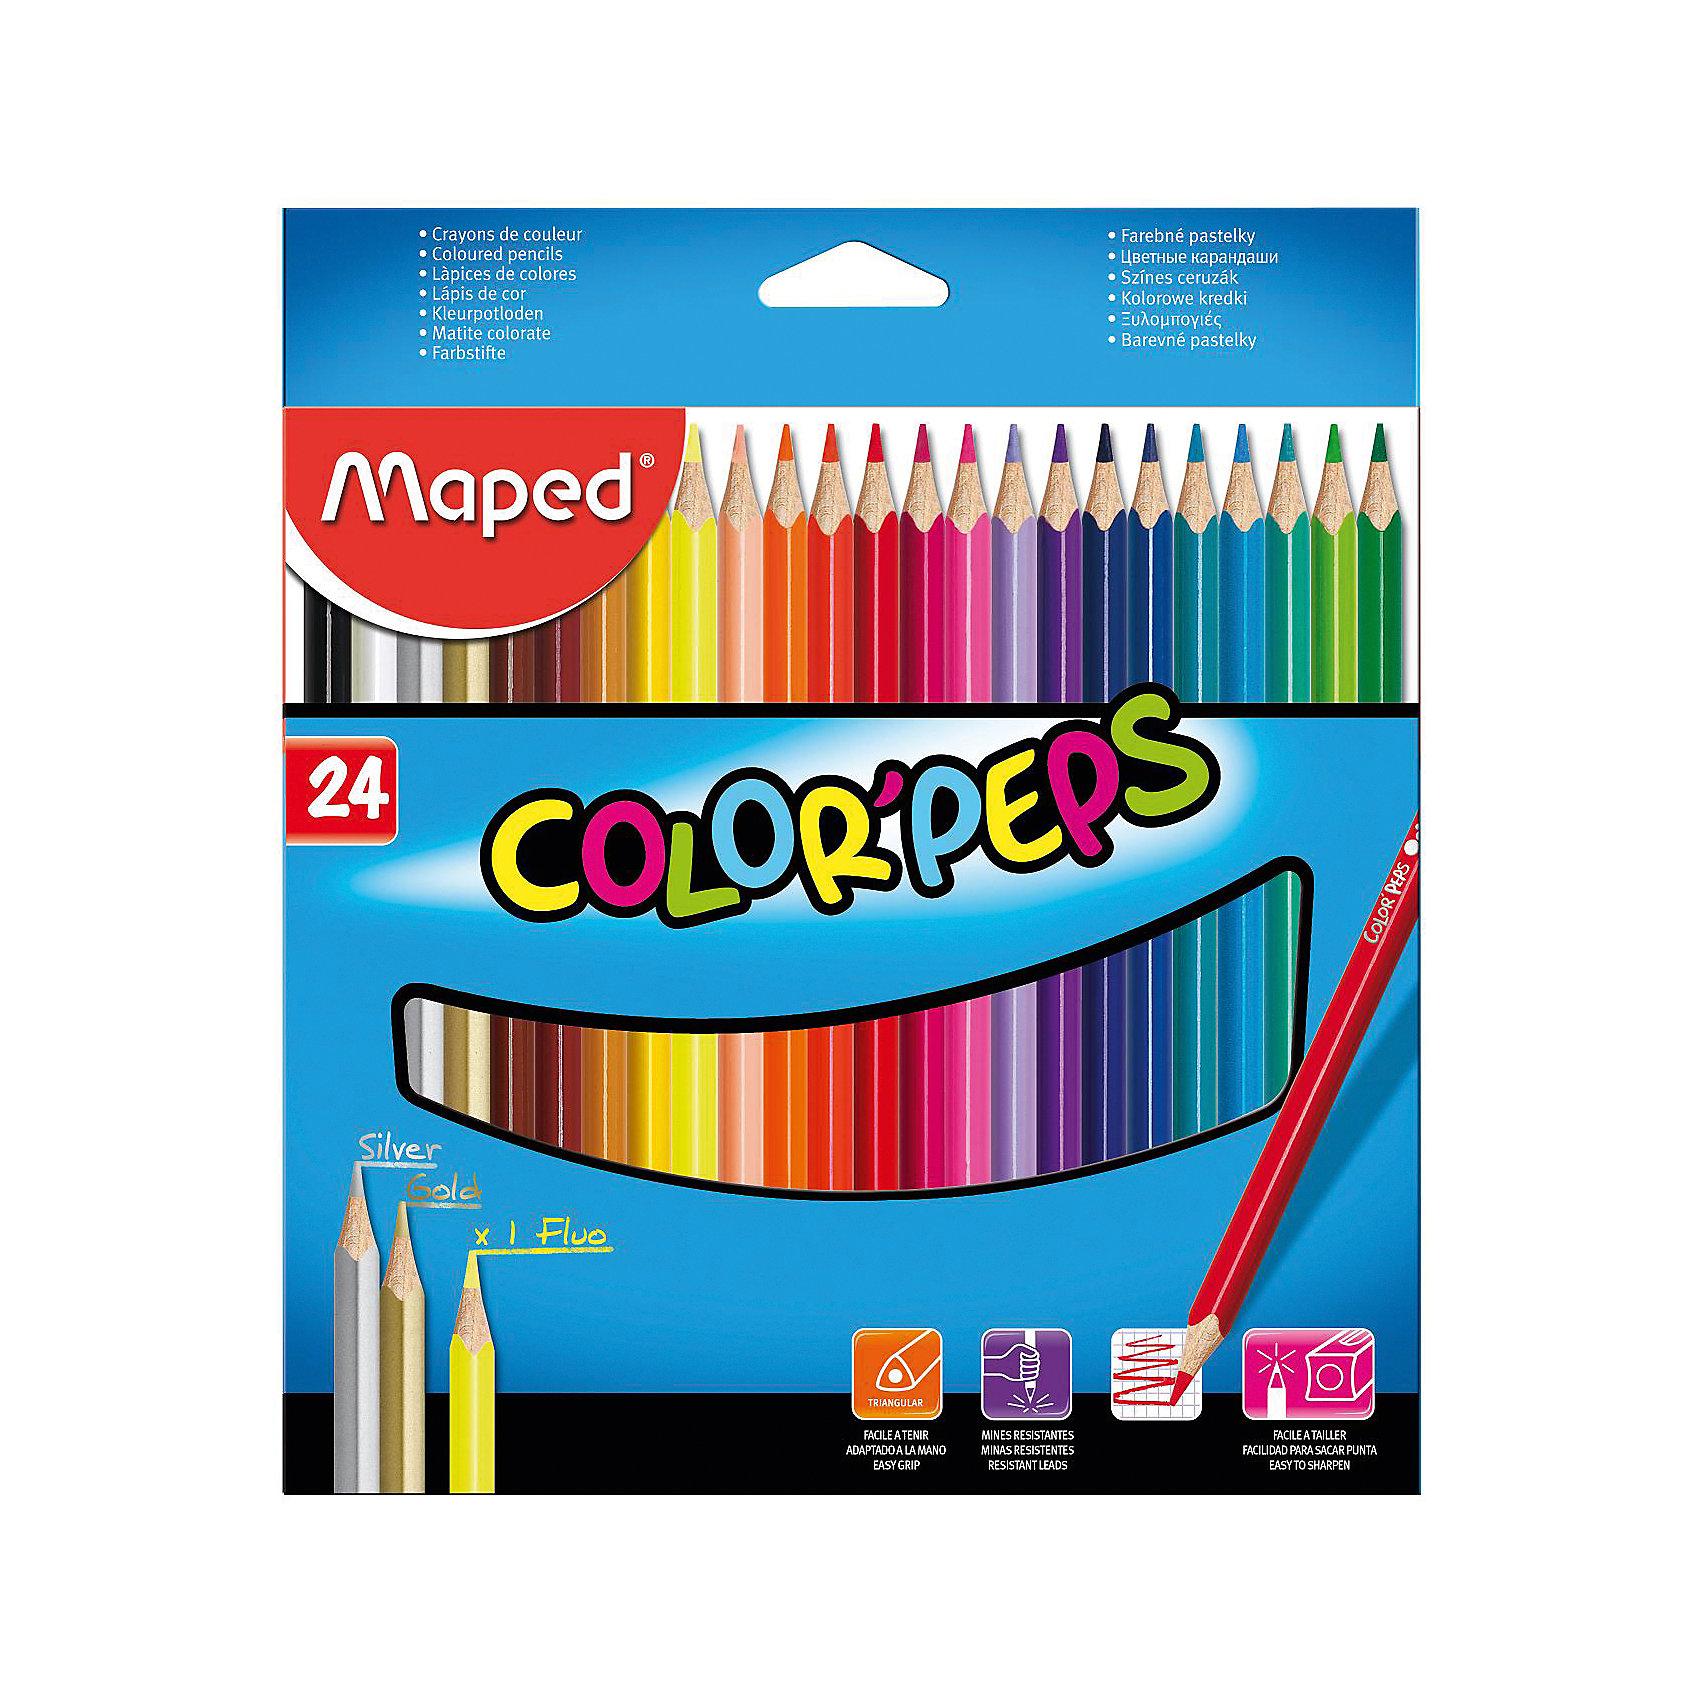 Набор цветных карандашей COLORPEPS, 24 цв.Письменные принадлежности<br>Набор цветных карандашей COLORPEPS, 24 цв. от марки Maped<br><br>Эти карандаши созданы компанией Maped для комфортного и легкого рисования. Легко затачиваются, при этом грифель очень устойчив к поломкам. Цвета яркие, линия мягкая и однородная.<br>Грифель - из высококачественного материала. В наборе - 24 карандашей разных цветов. Они отлично лежат в руке благодаря удобной форме и качественному покрытию. Действительно удобный инструмент для рисования. Созданы для ярких картин! Безопасны для детей.<br><br>Особенности данной модели:<br><br>материал корпуса: дерево;<br>комплектация: 24 шт.<br><br>Набор цветных карандашей COLORPEPS, 24 цв. от марки Maped можно купить в нашем магазине.<br><br>Ширина мм: 192<br>Глубина мм: 214<br>Высота мм: 10<br>Вес г: 172<br>Возраст от месяцев: 36<br>Возраст до месяцев: 2147483647<br>Пол: Унисекс<br>Возраст: Детский<br>SKU: 4684739